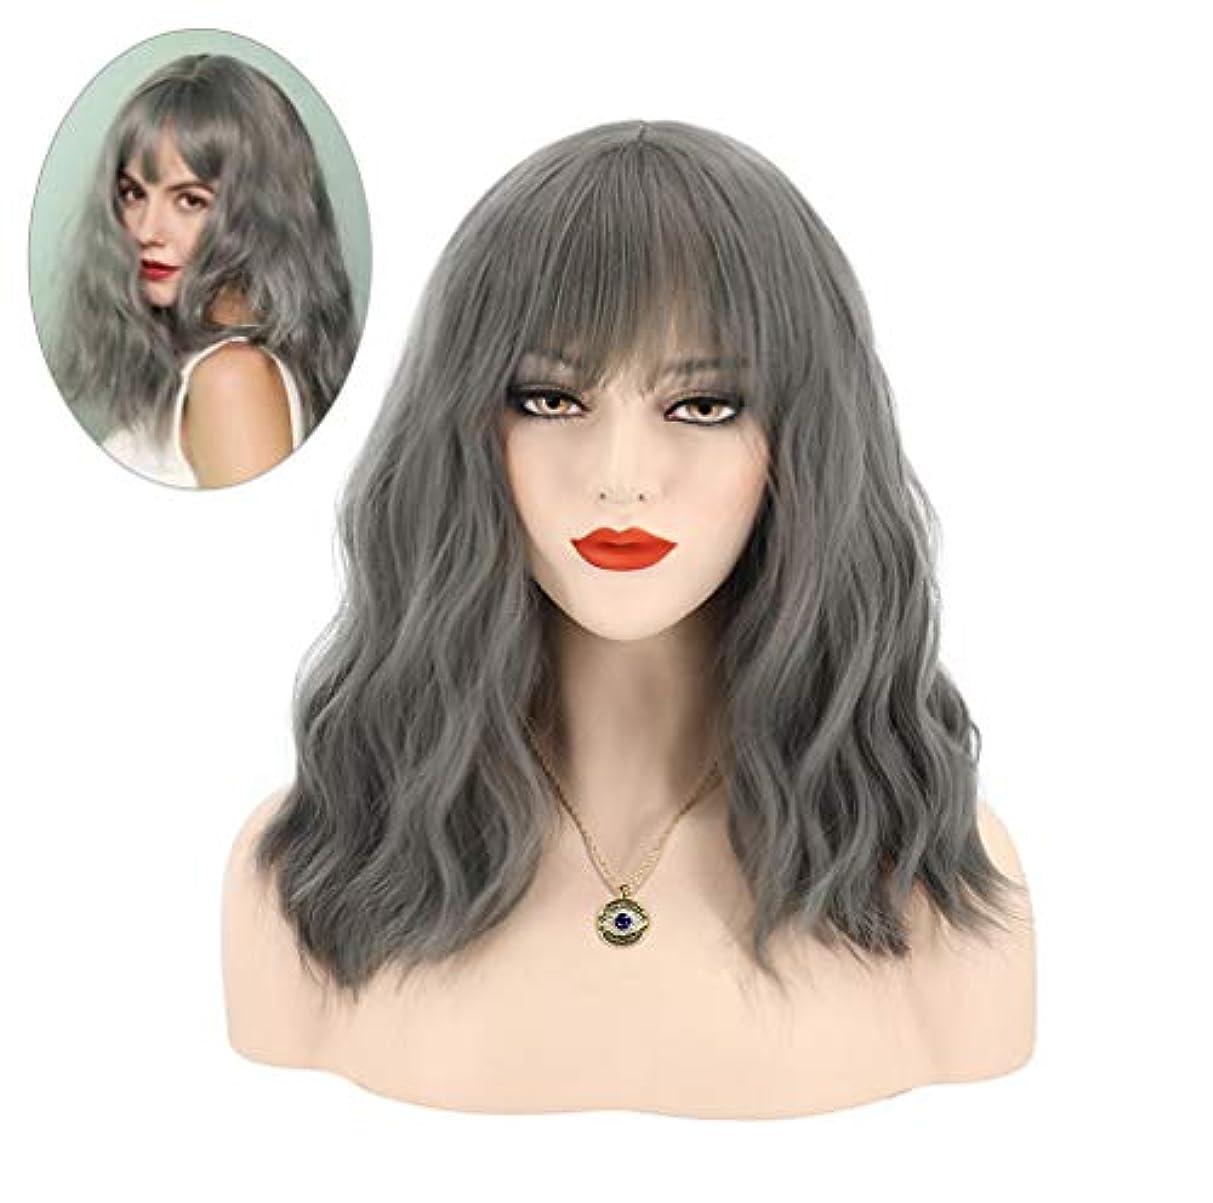 関数グラディス既婚女性かつらカール耐熱合成繊維水波かつらベビーヘアウィッグ150%密度グレー45センチ